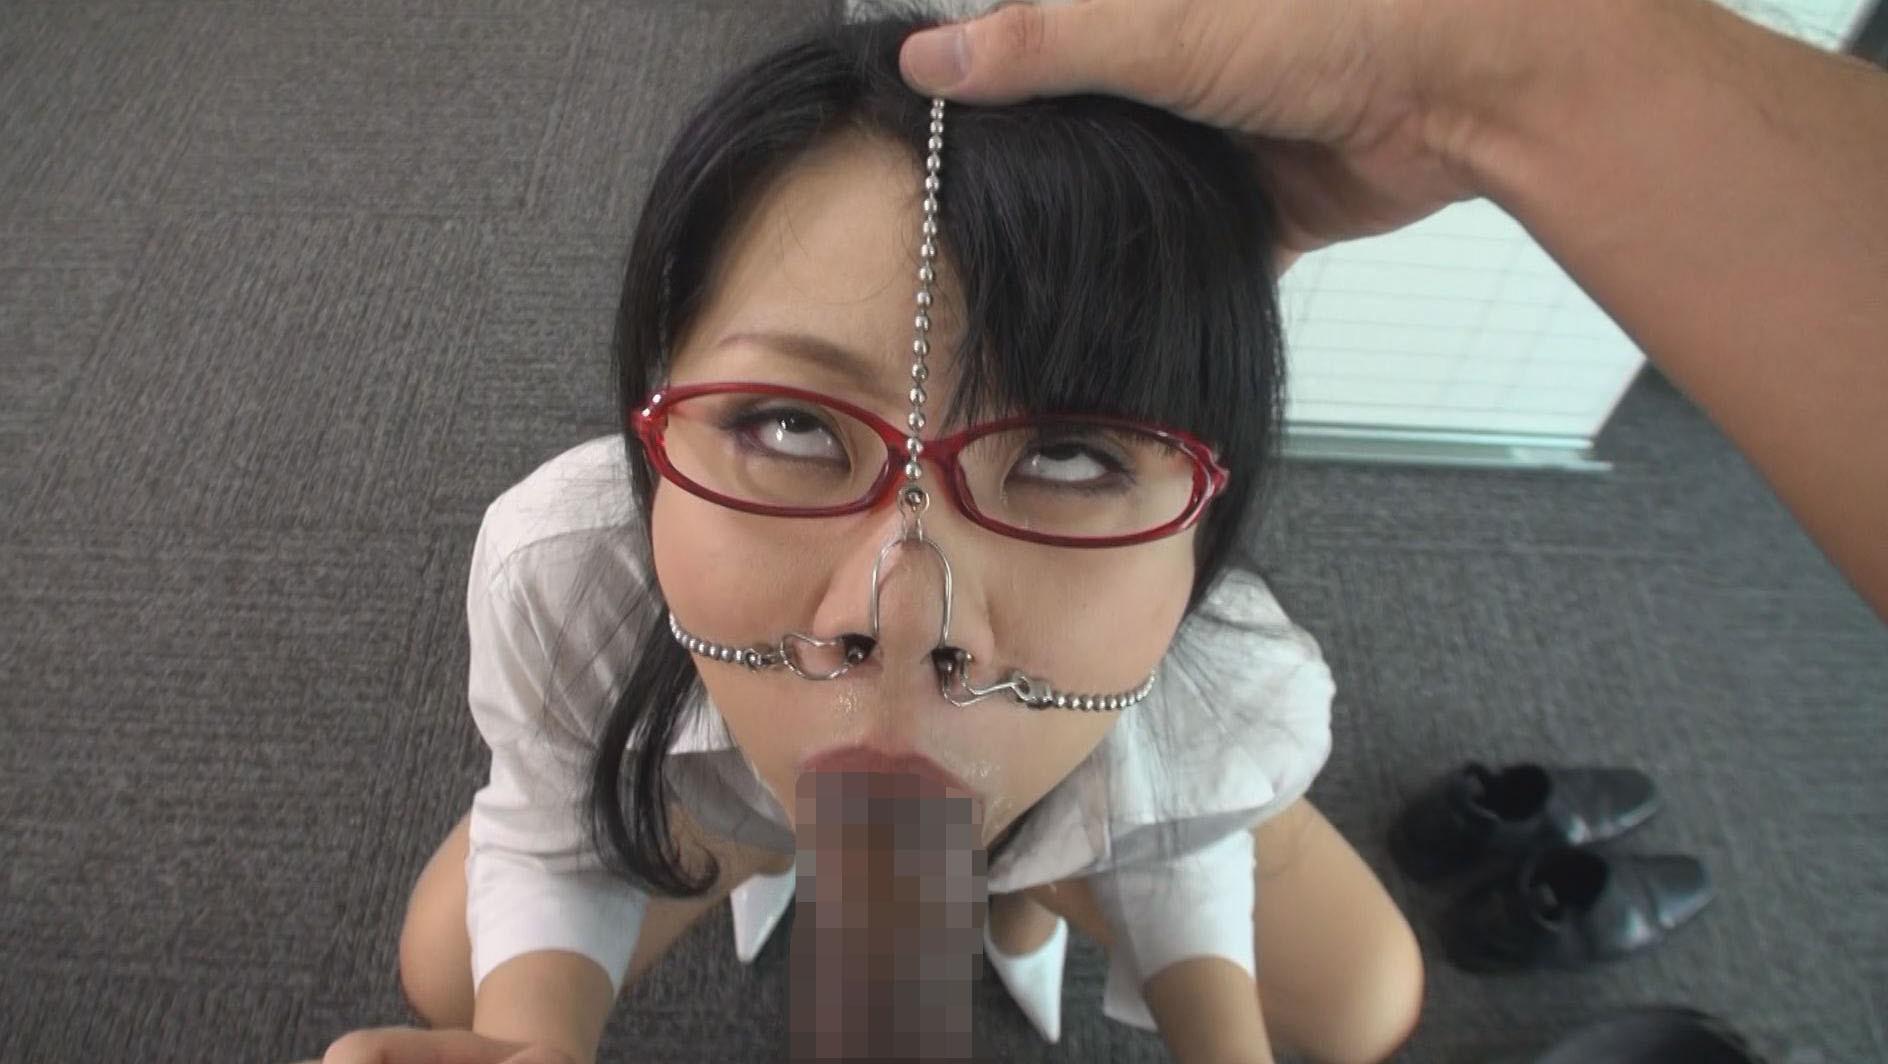 豚鼻フェラ 画像2